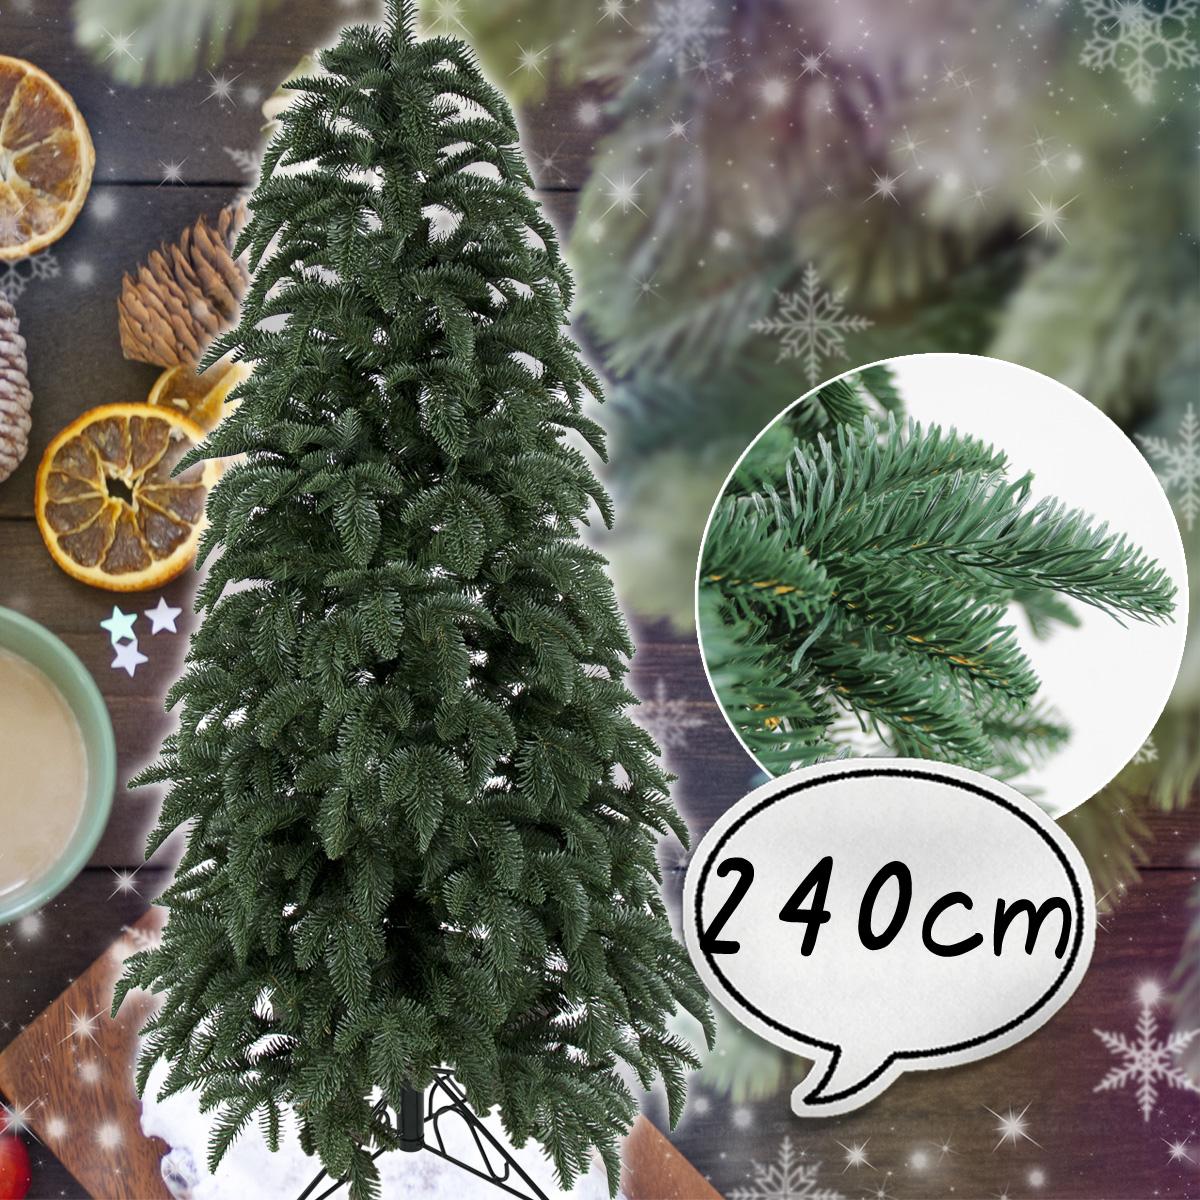 クリスマスツリー 240cm リアルスプルース 葉は本物のような肉厚のある ポリ成形ツリー 木 スタンドタイプ [ ヌードツリー ] 北欧 おしゃれ